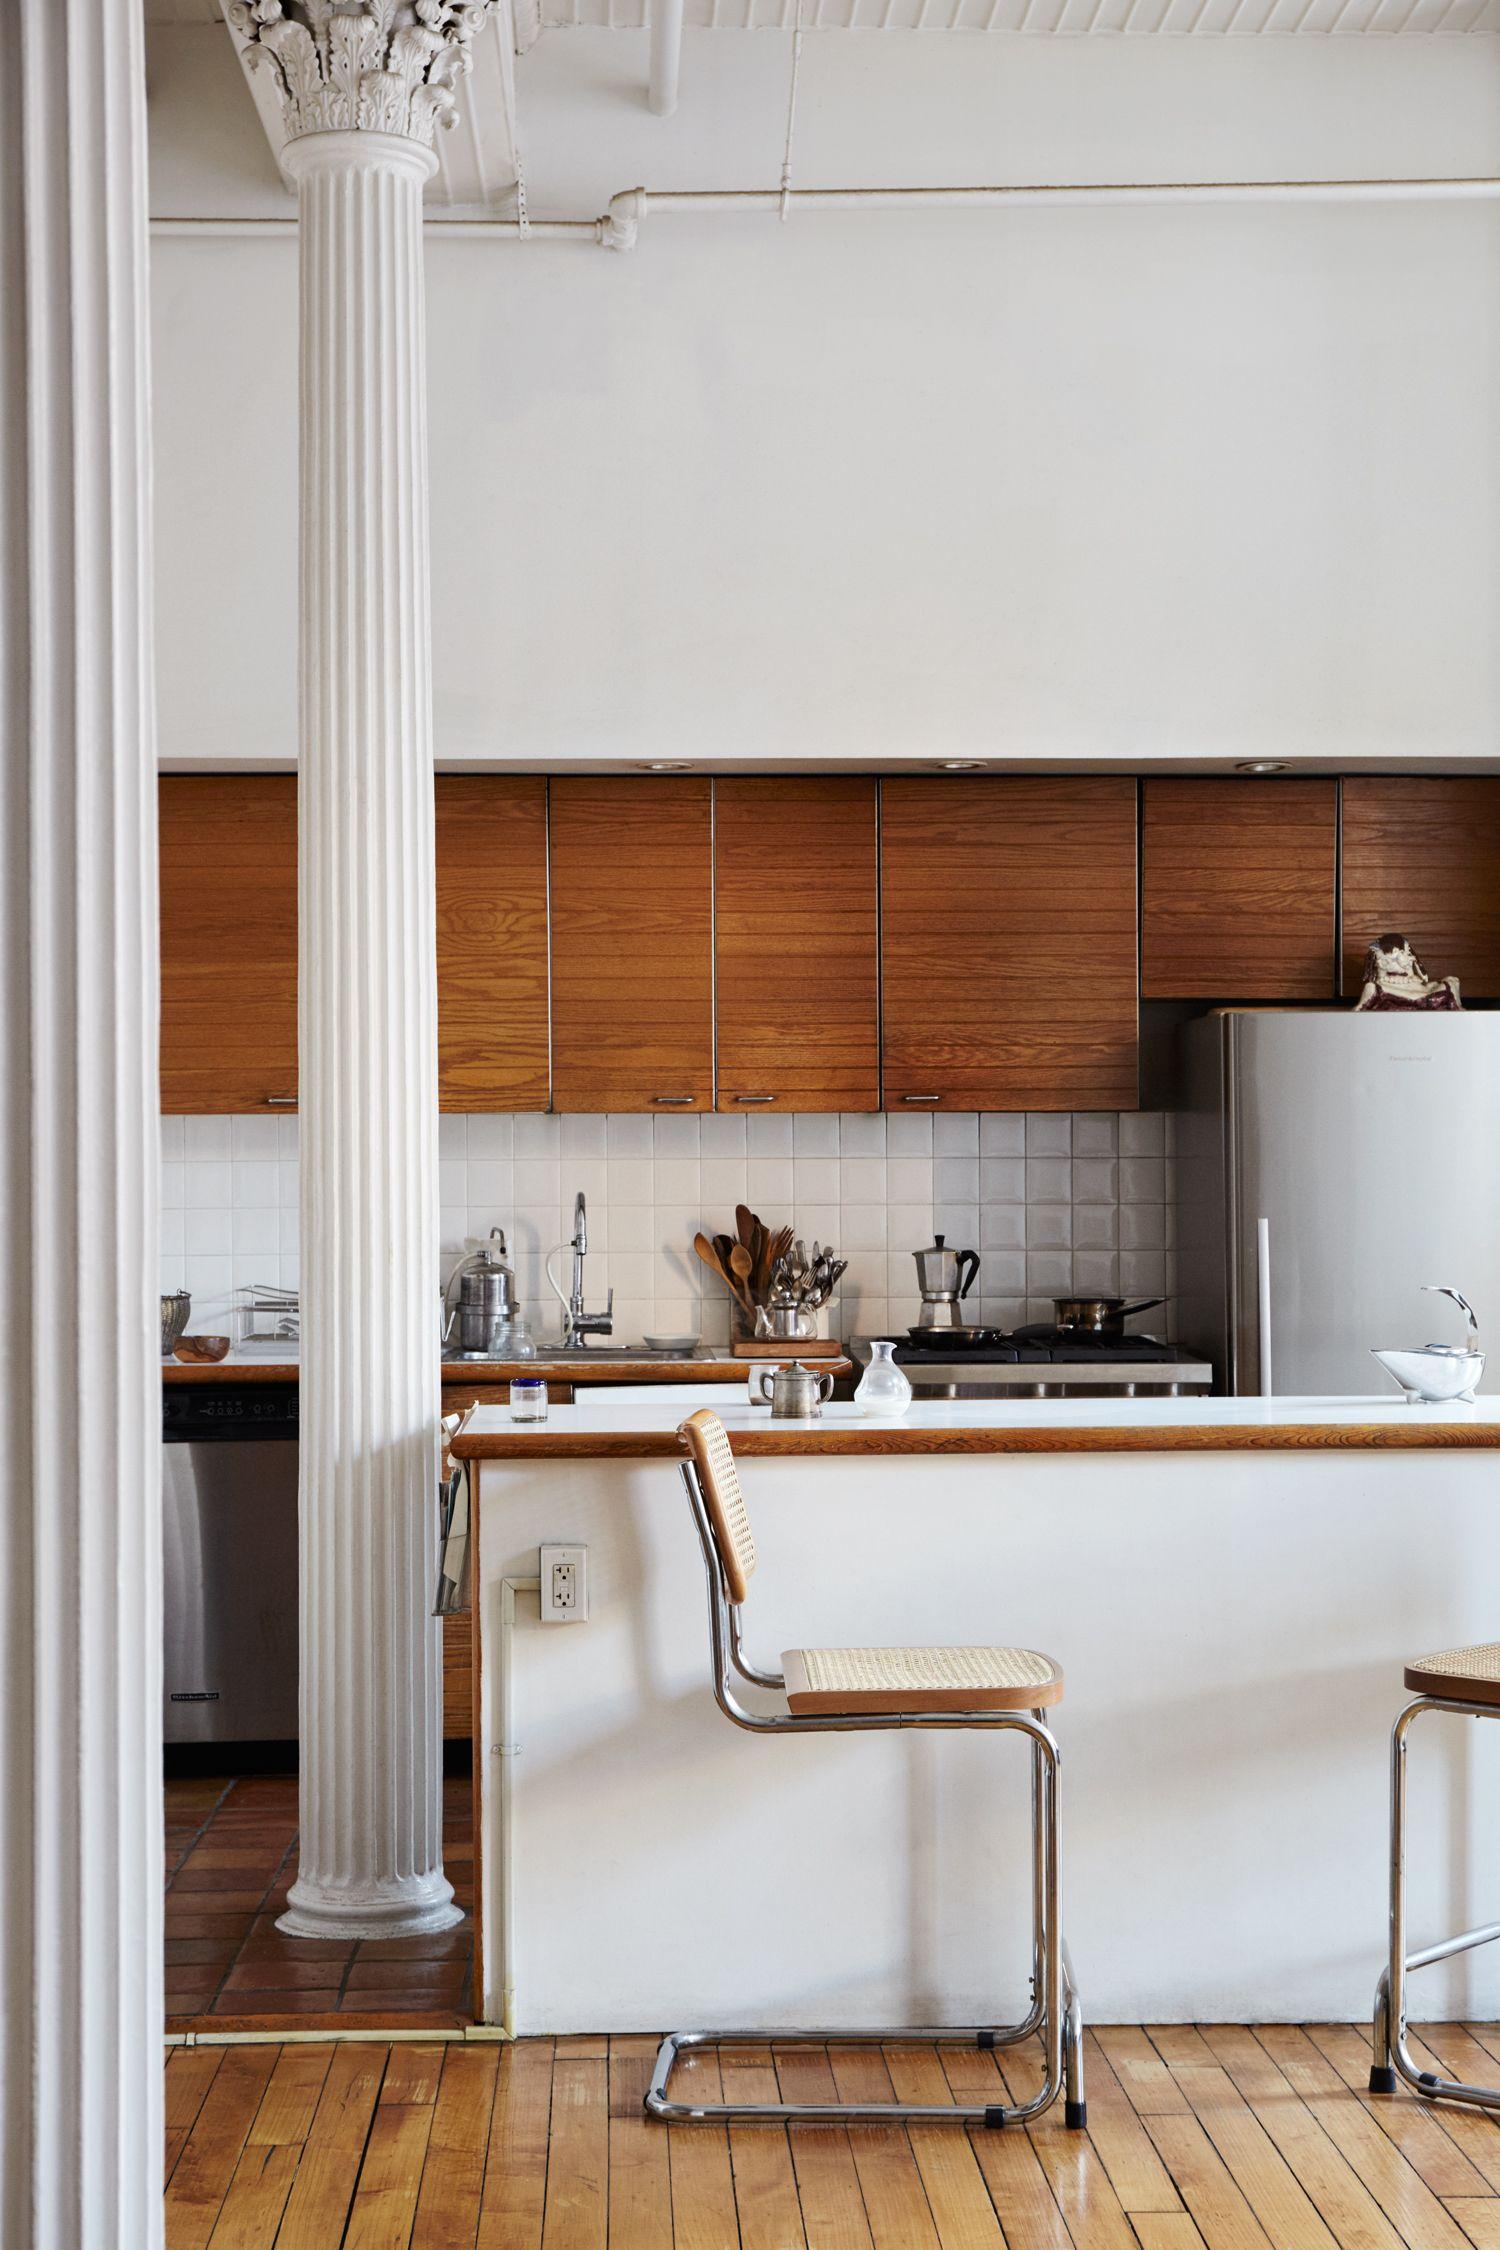 Full Size of Habitat Küche A Master Of The Instagram Still Life In Her Natural Ikea Kosten Glasbilder Industrielook Amerikanische Kaufen Schwarze Fototapete Mintgrün Wohnzimmer Habitat Küche